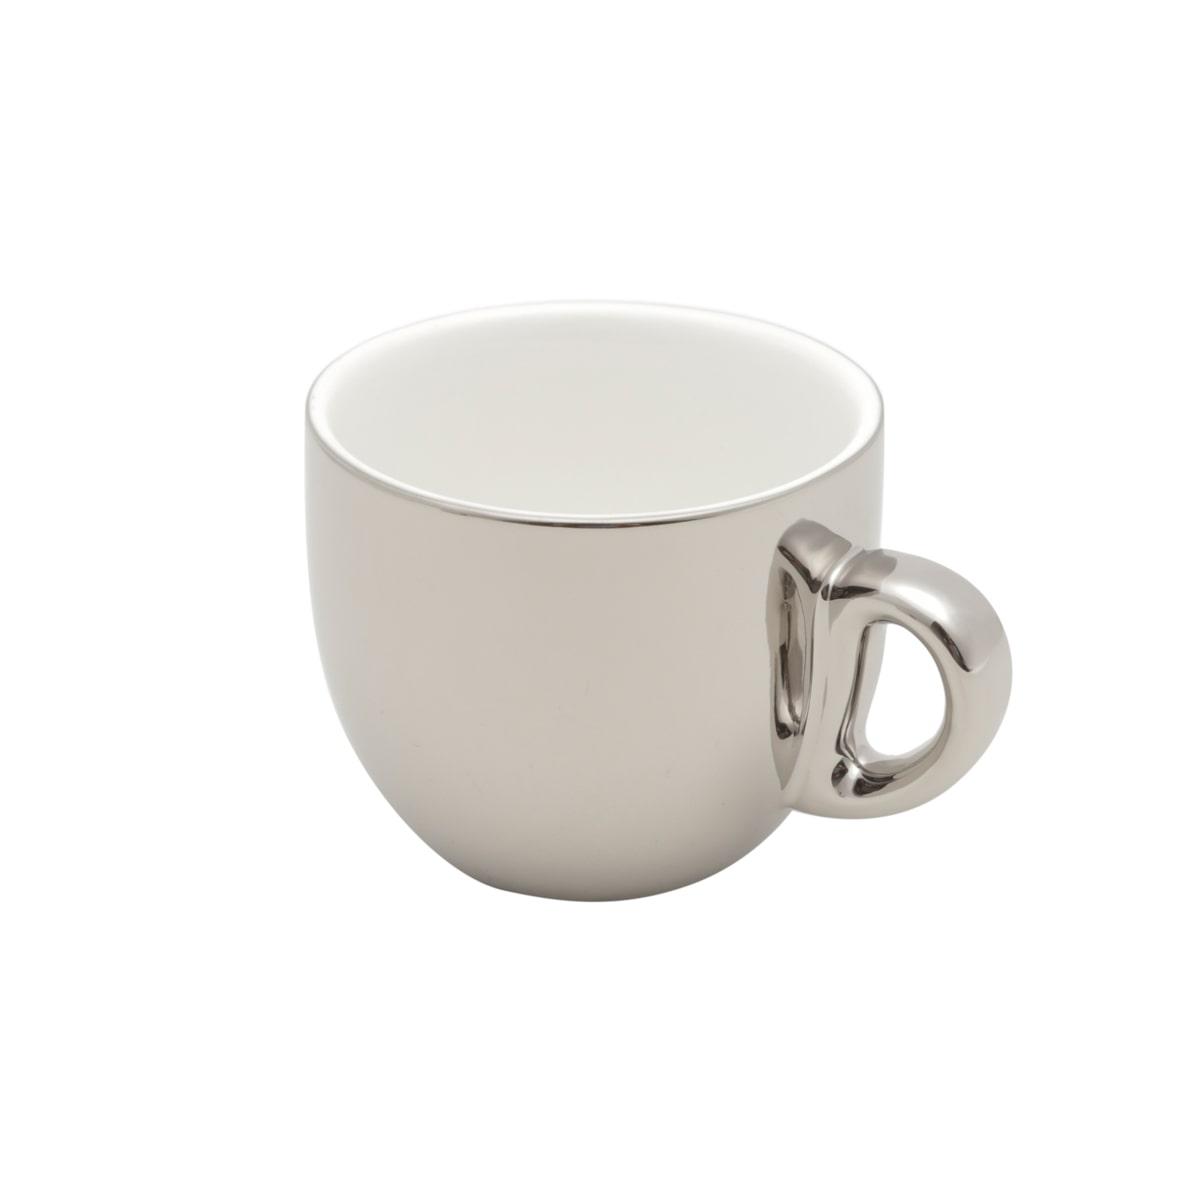 Cj 6 Xícaras Porcelana café c/ pires e Suporte Prata 90ml